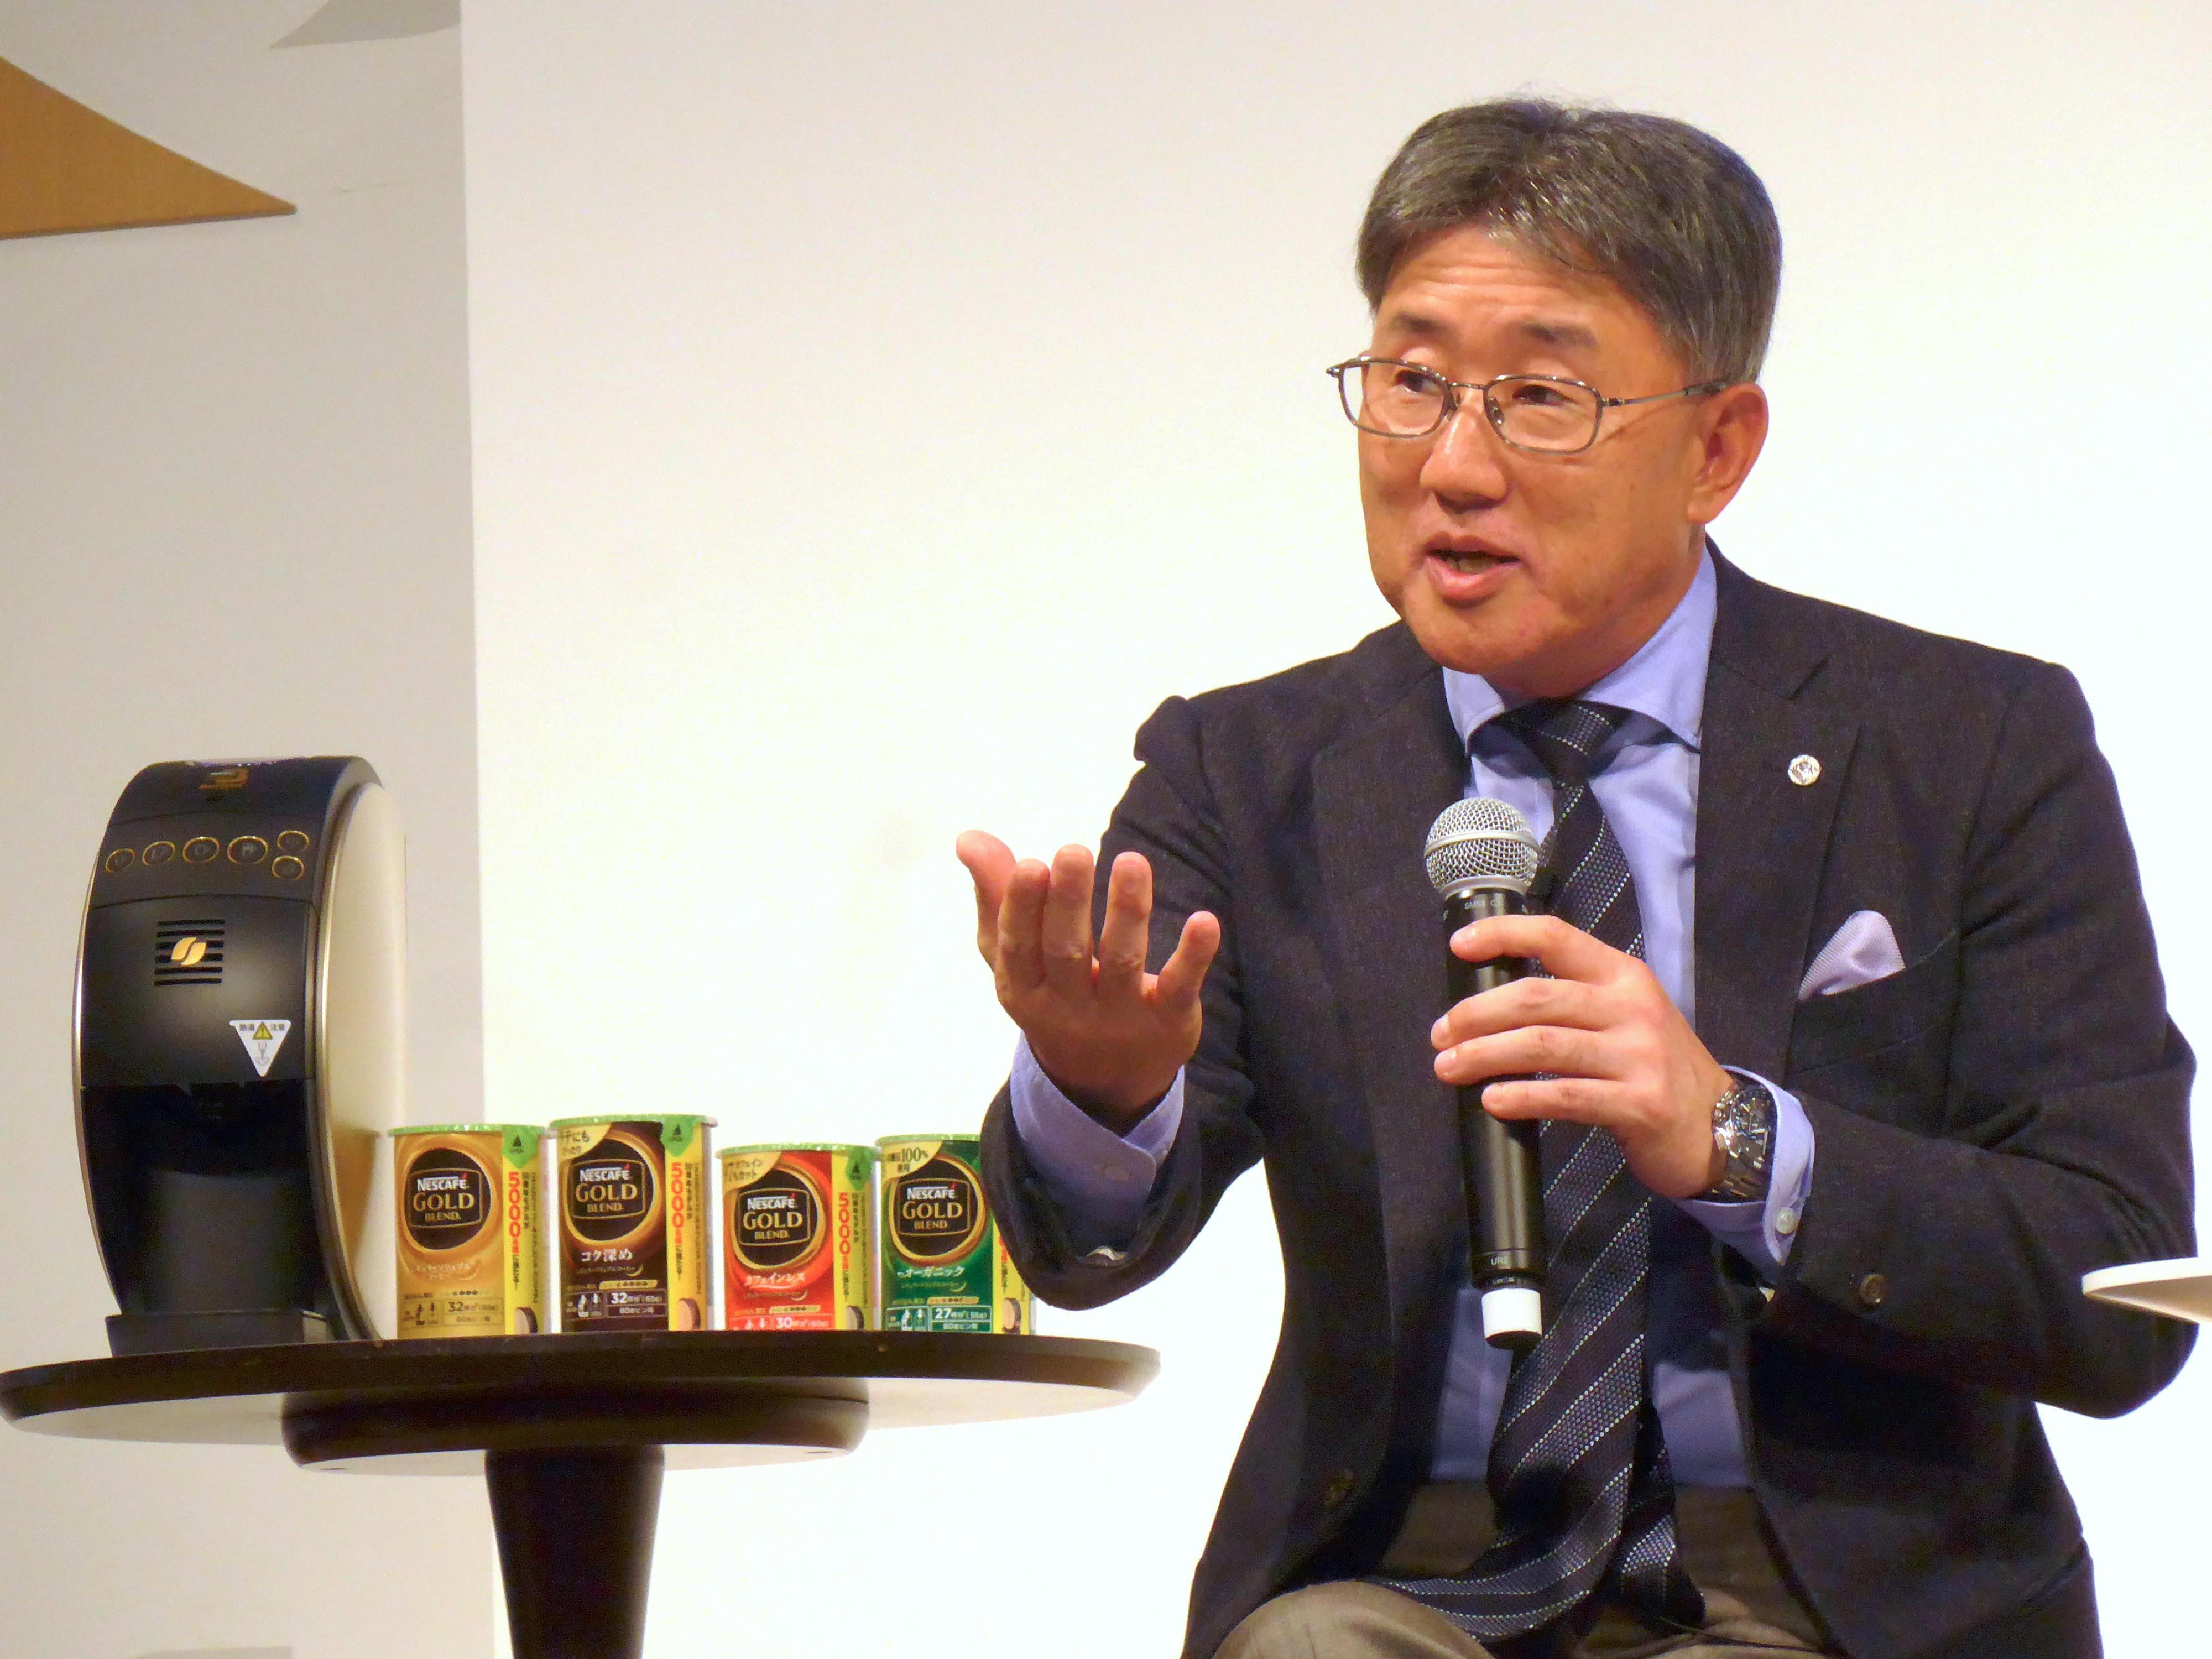 """「顧客の問題を発見すること」ネスレ日本・高岡浩三CEOが語る""""イノベーションの起こし方"""""""